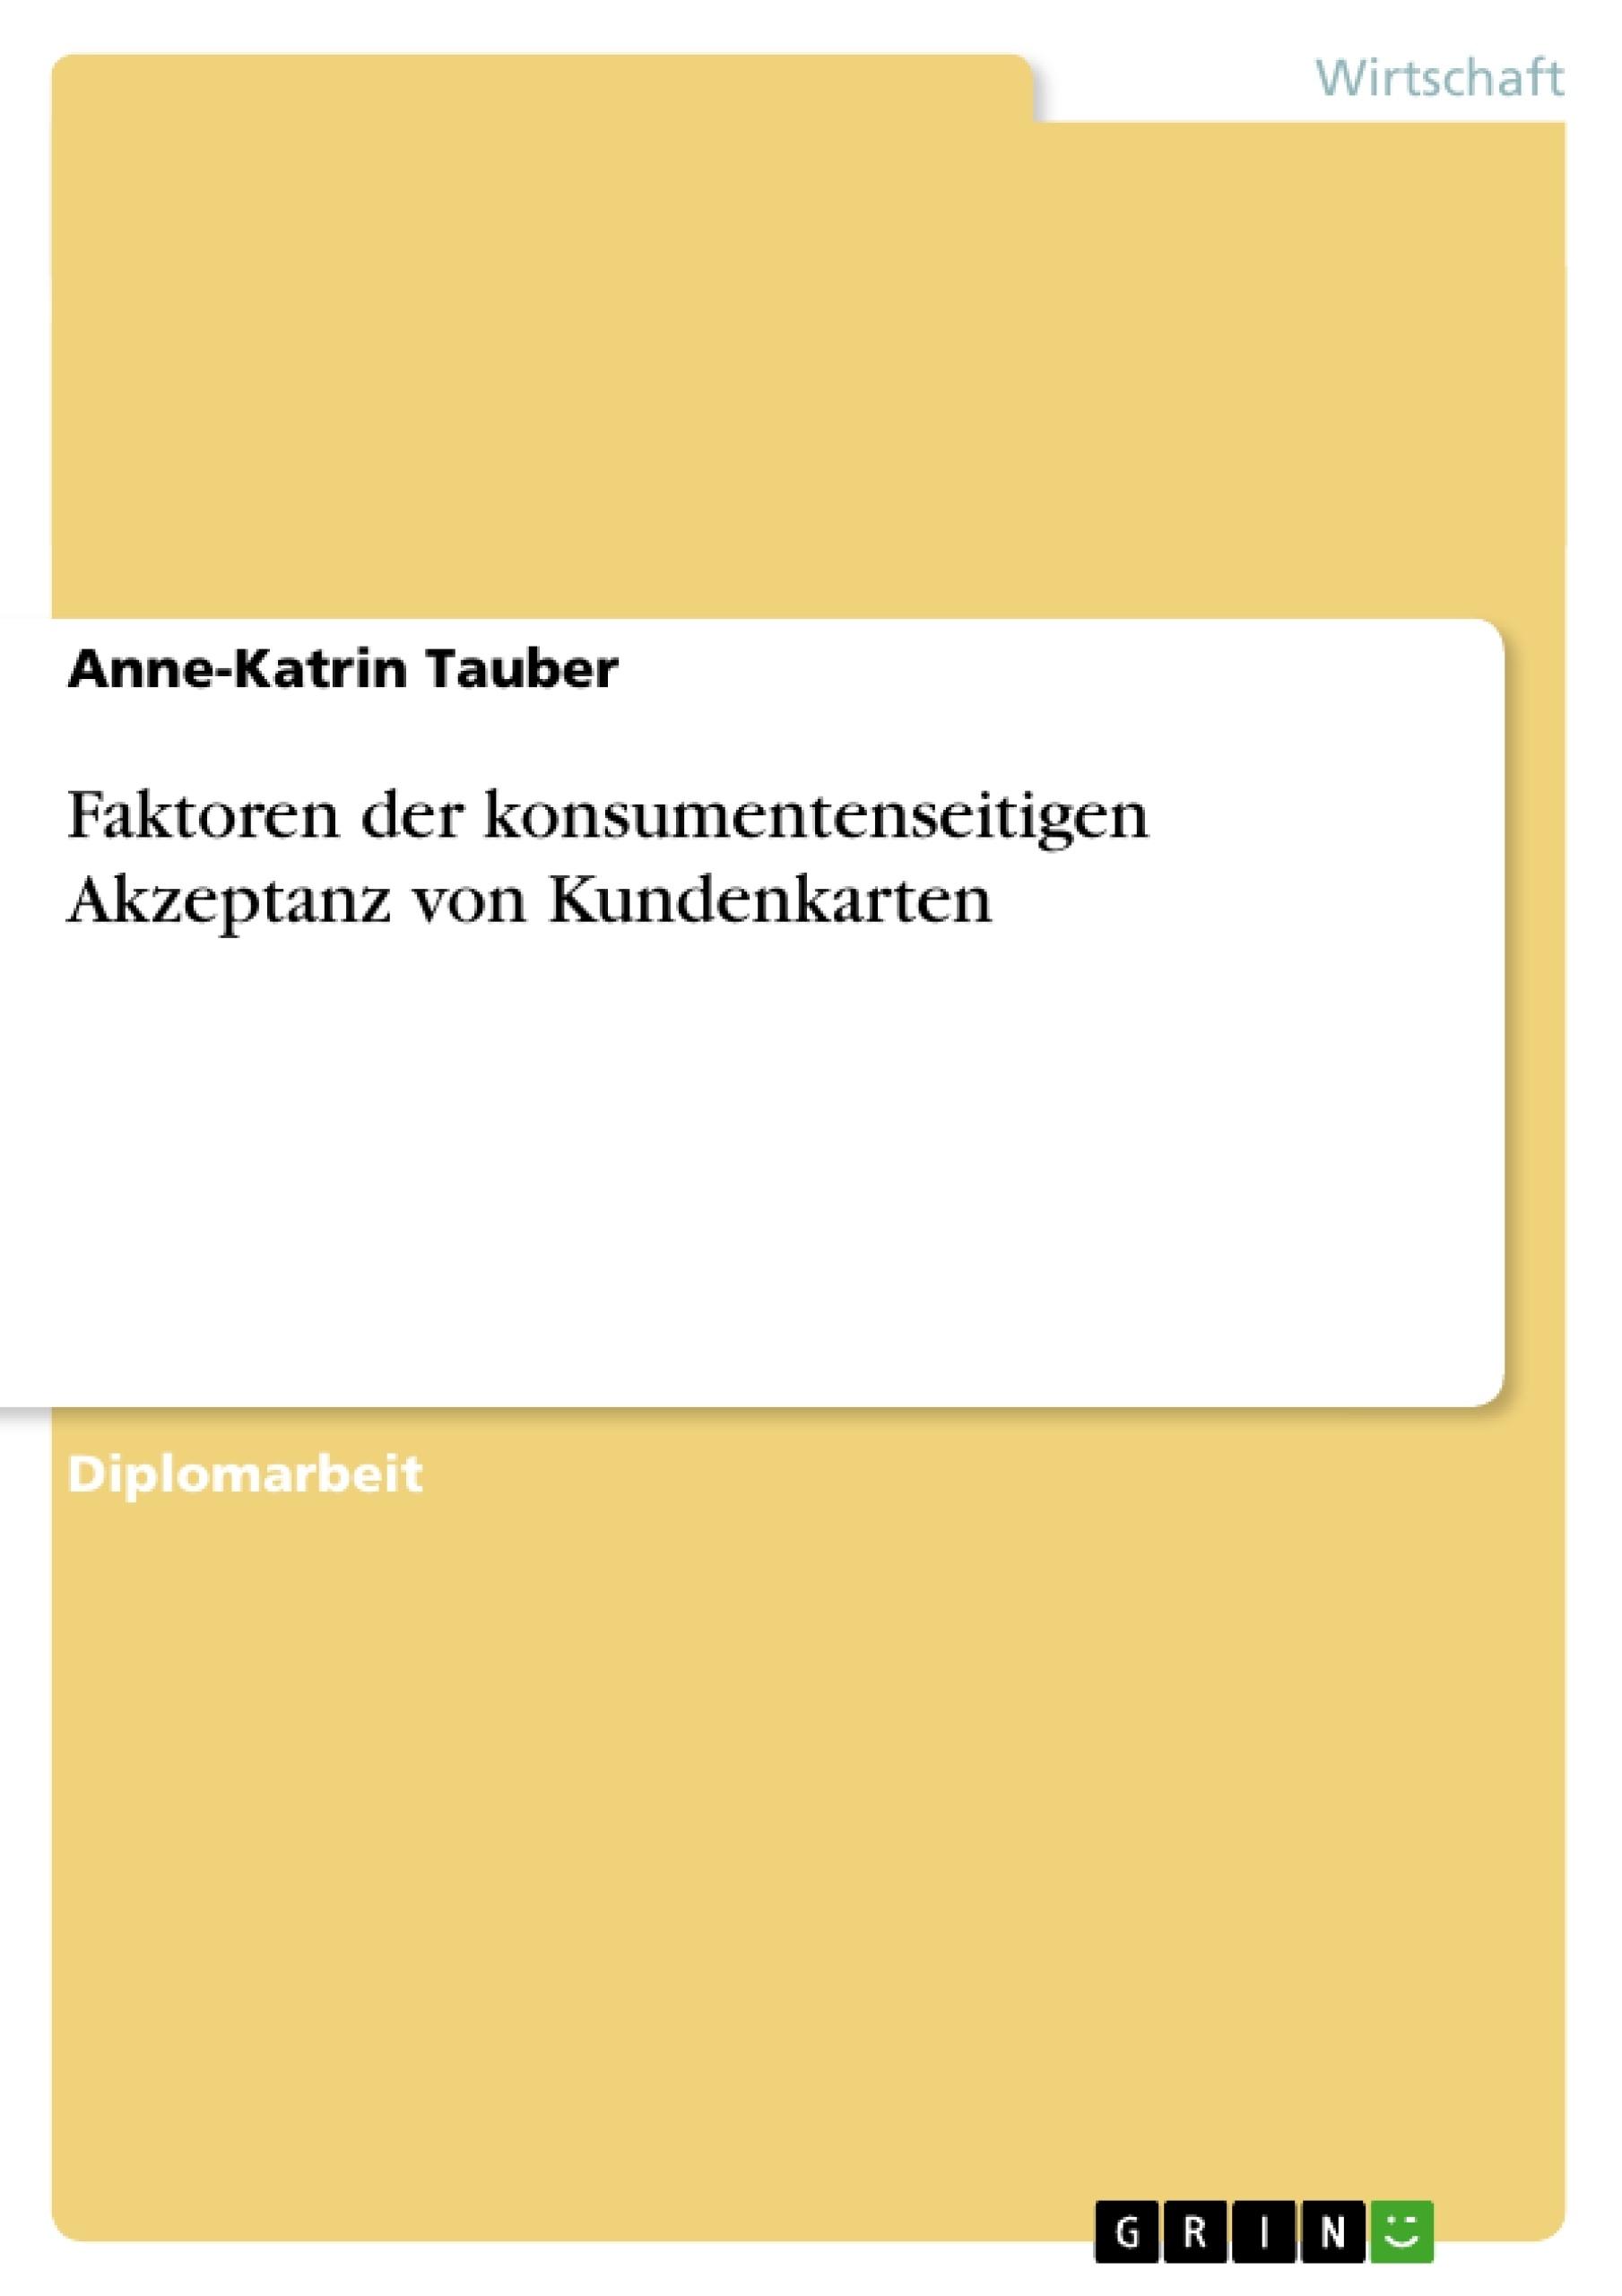 Titel: Faktoren der konsumentenseitigen Akzeptanz von Kundenkarten